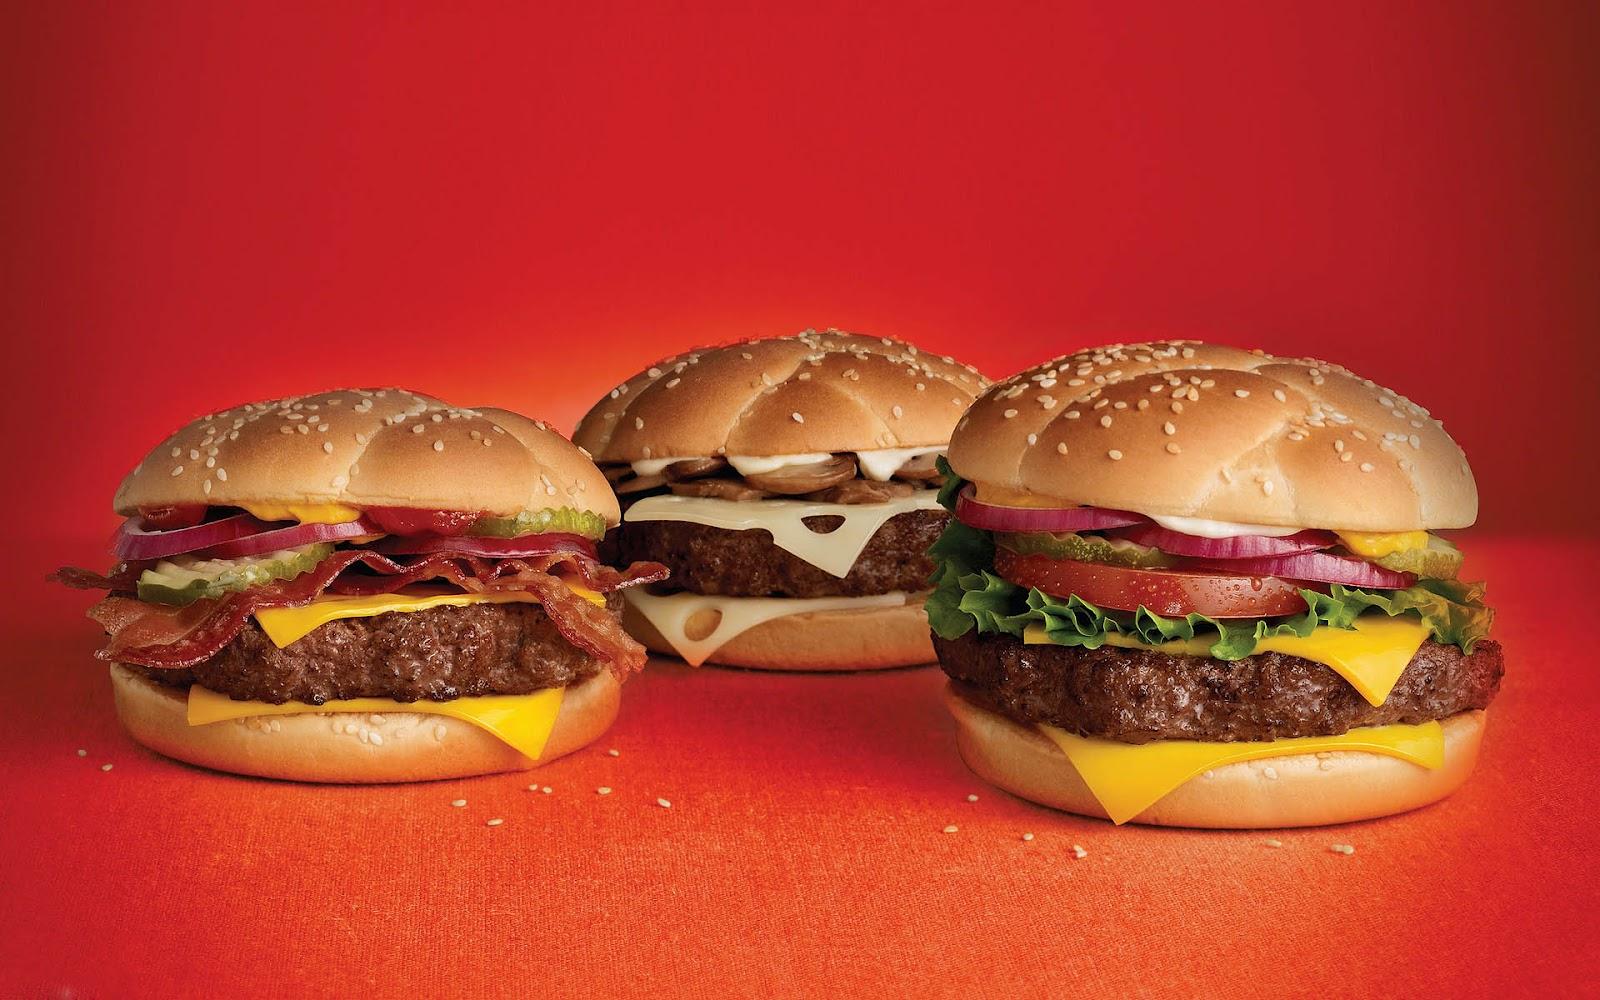 Mac And Cheese Burger Fast Food